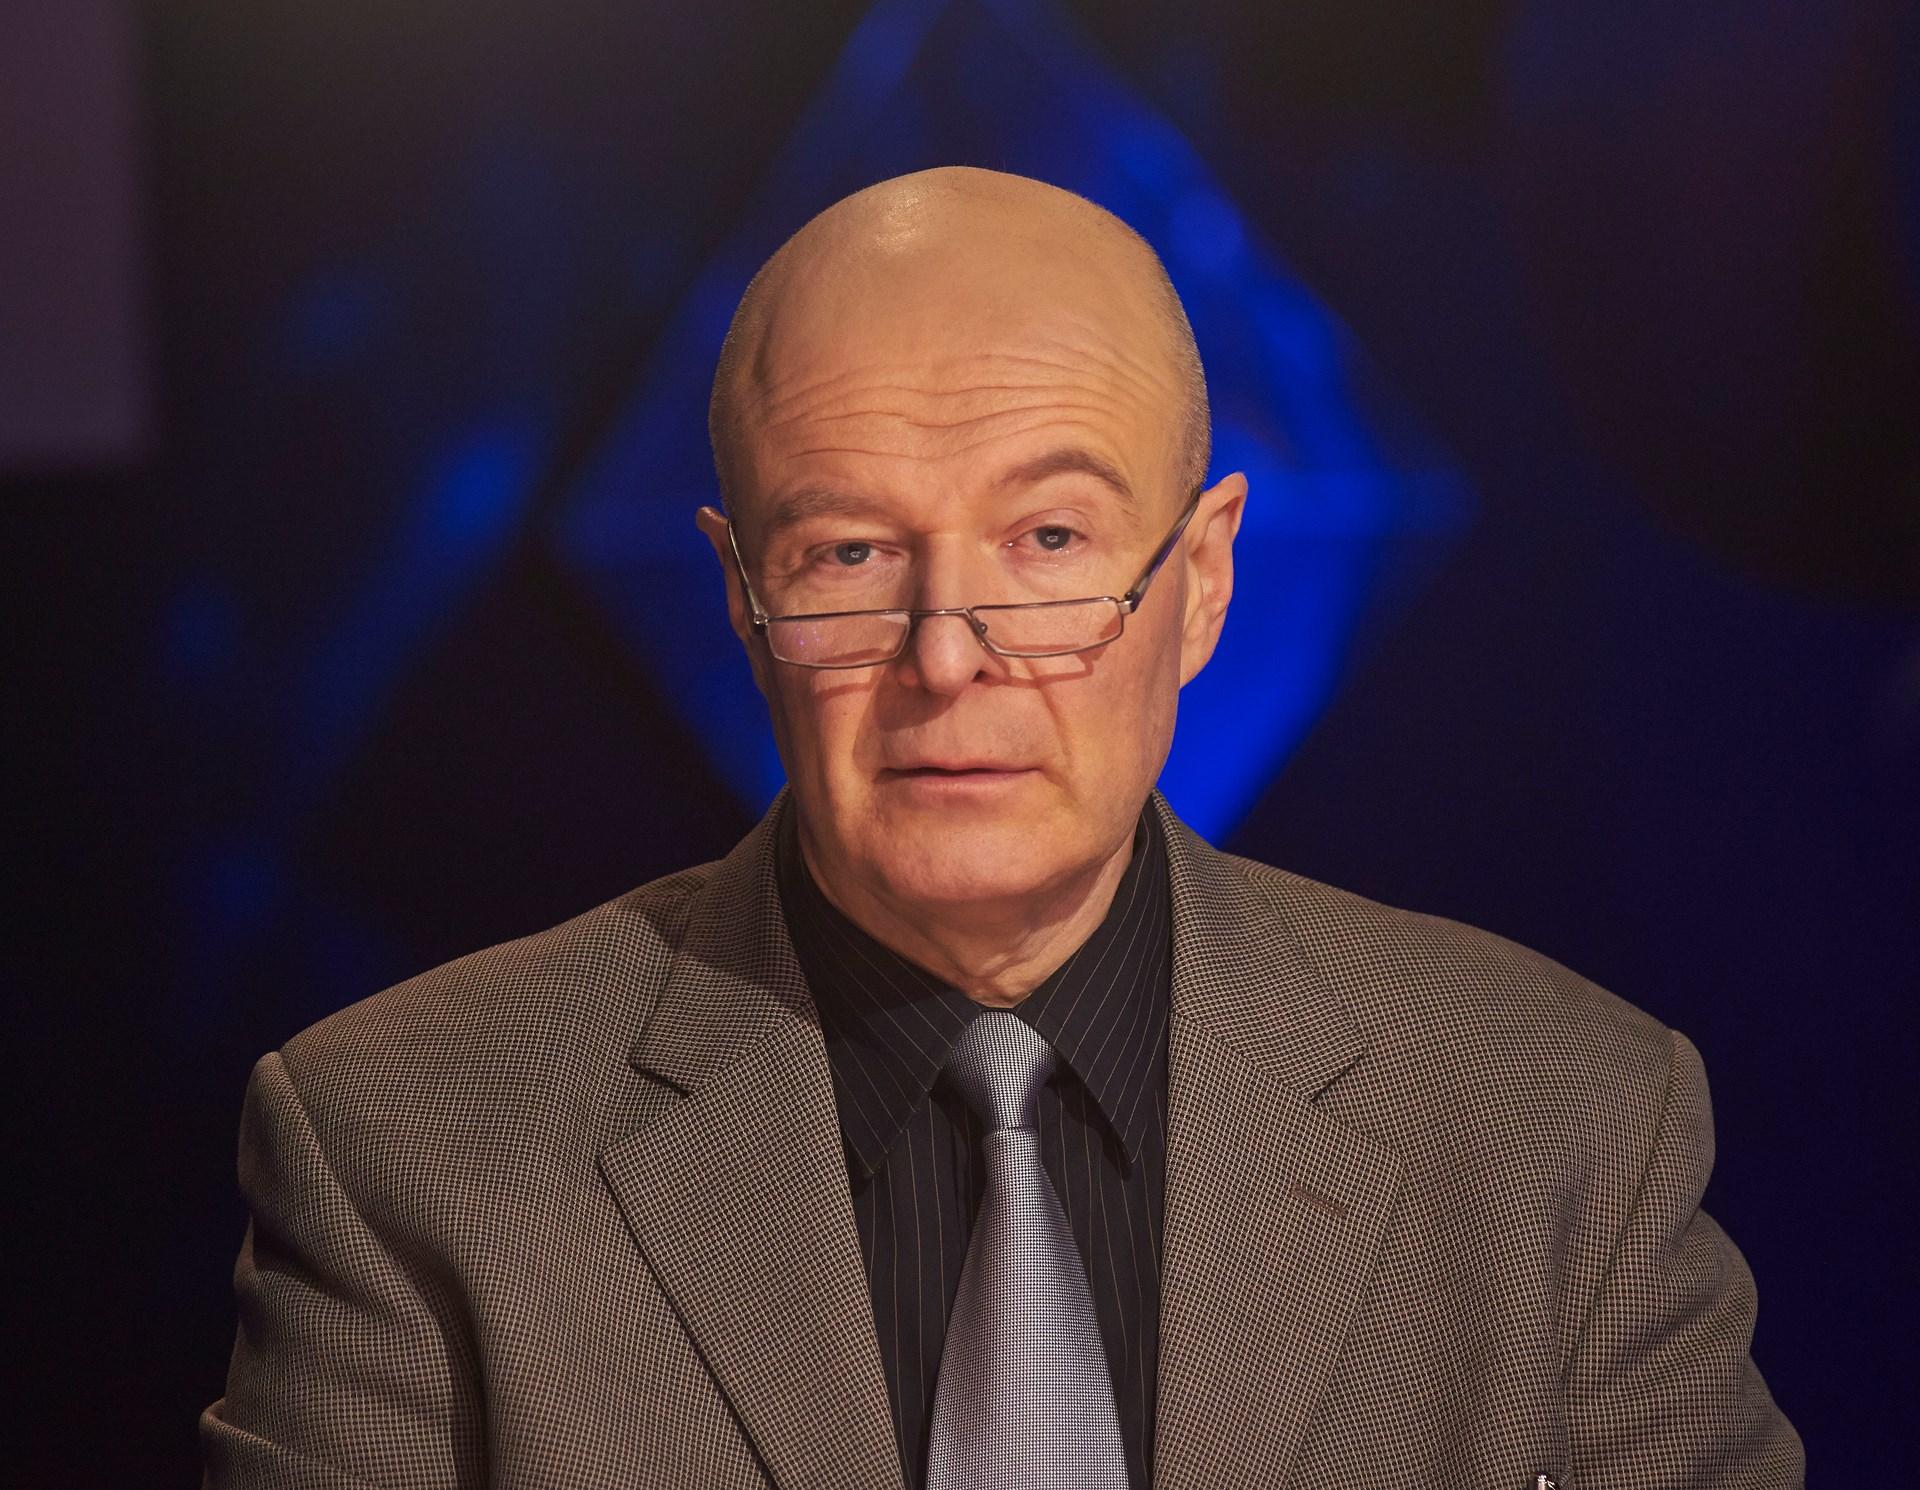 Eesti Muusika- ja Teatriakadeemia tulevaseks rektoriks valiti professor Ivari Ilja